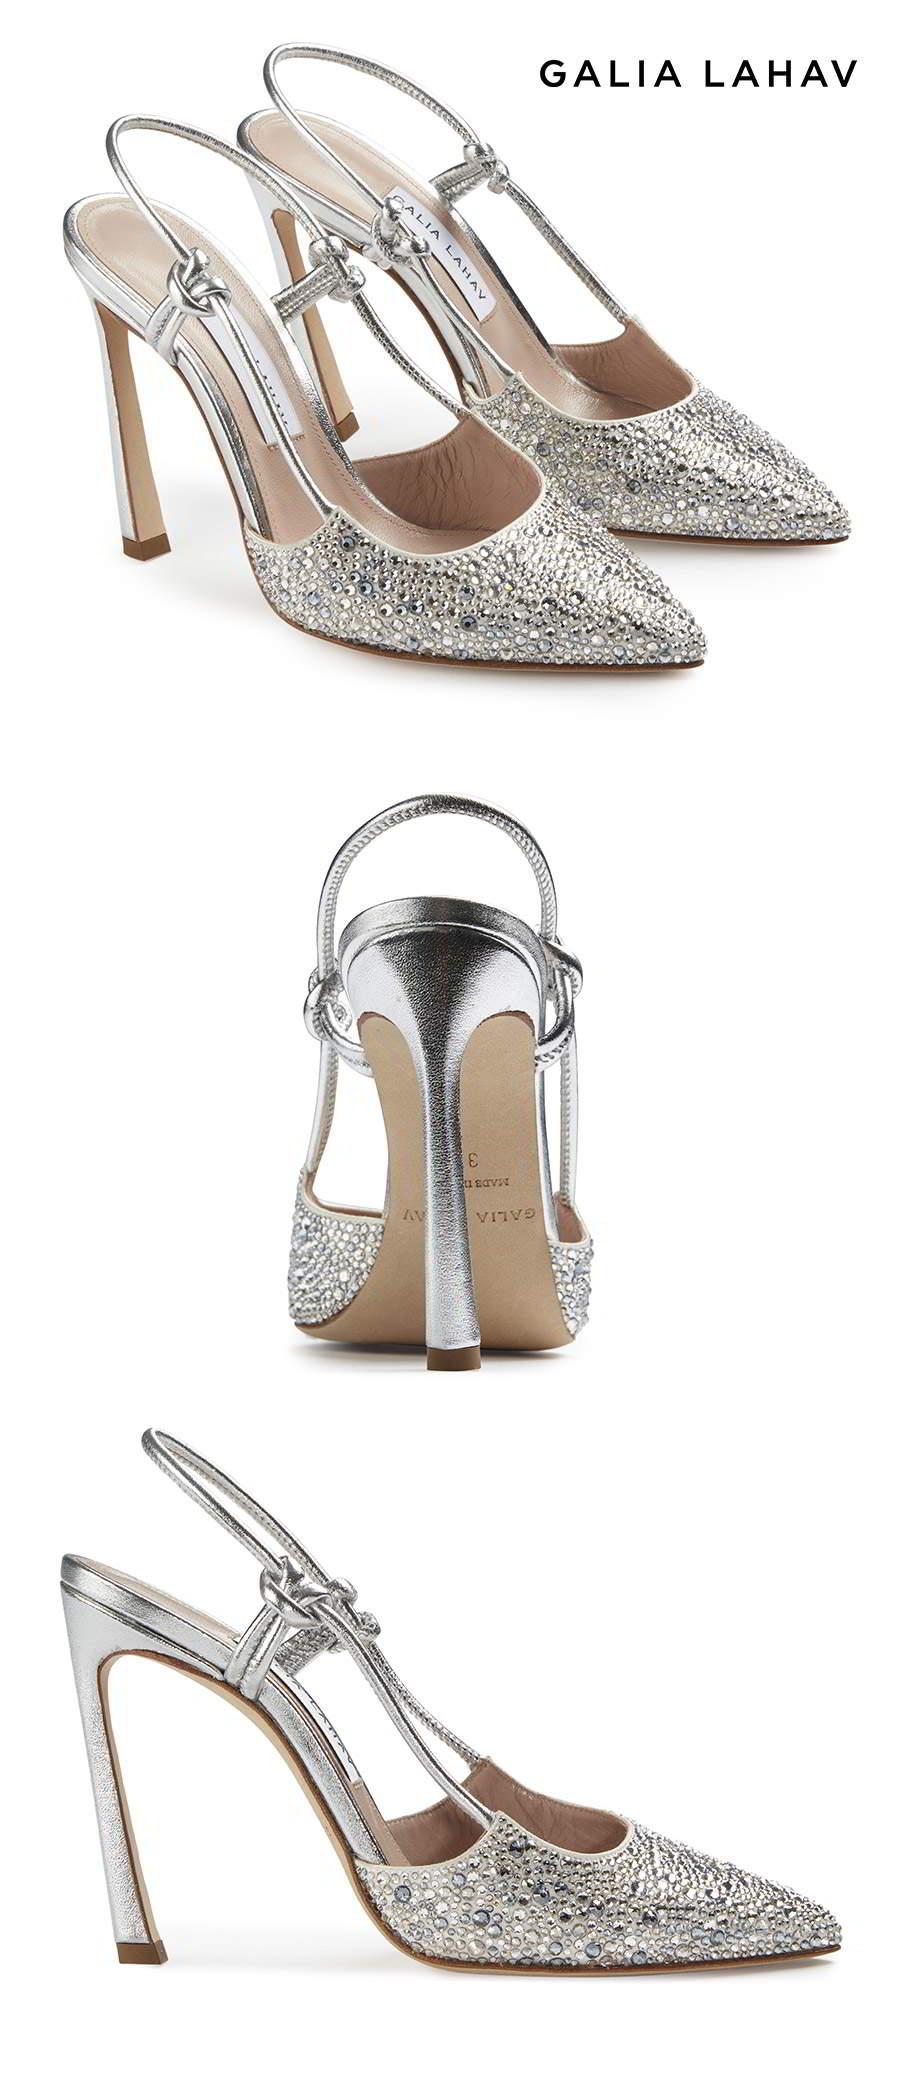 galia lahav shoes fall 2021 bridal rhinestone beaded slingback pointed toe high heel pump shoes packshot (astrid silver) mv